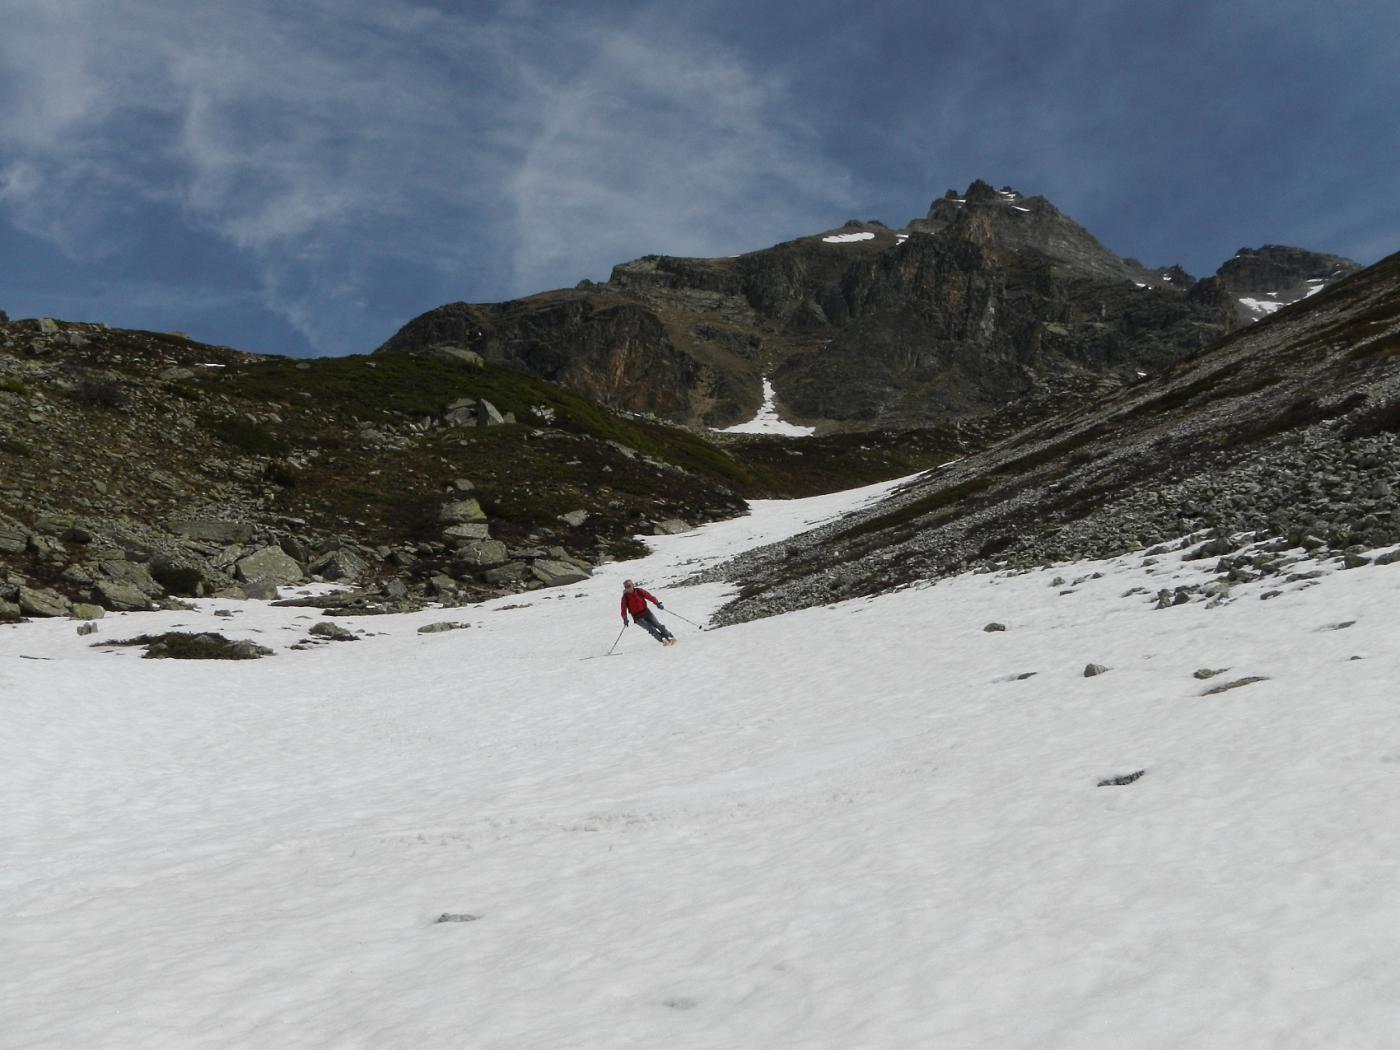 il primo dei due valloncelli innevati percorsi fino a quota 2100 m.